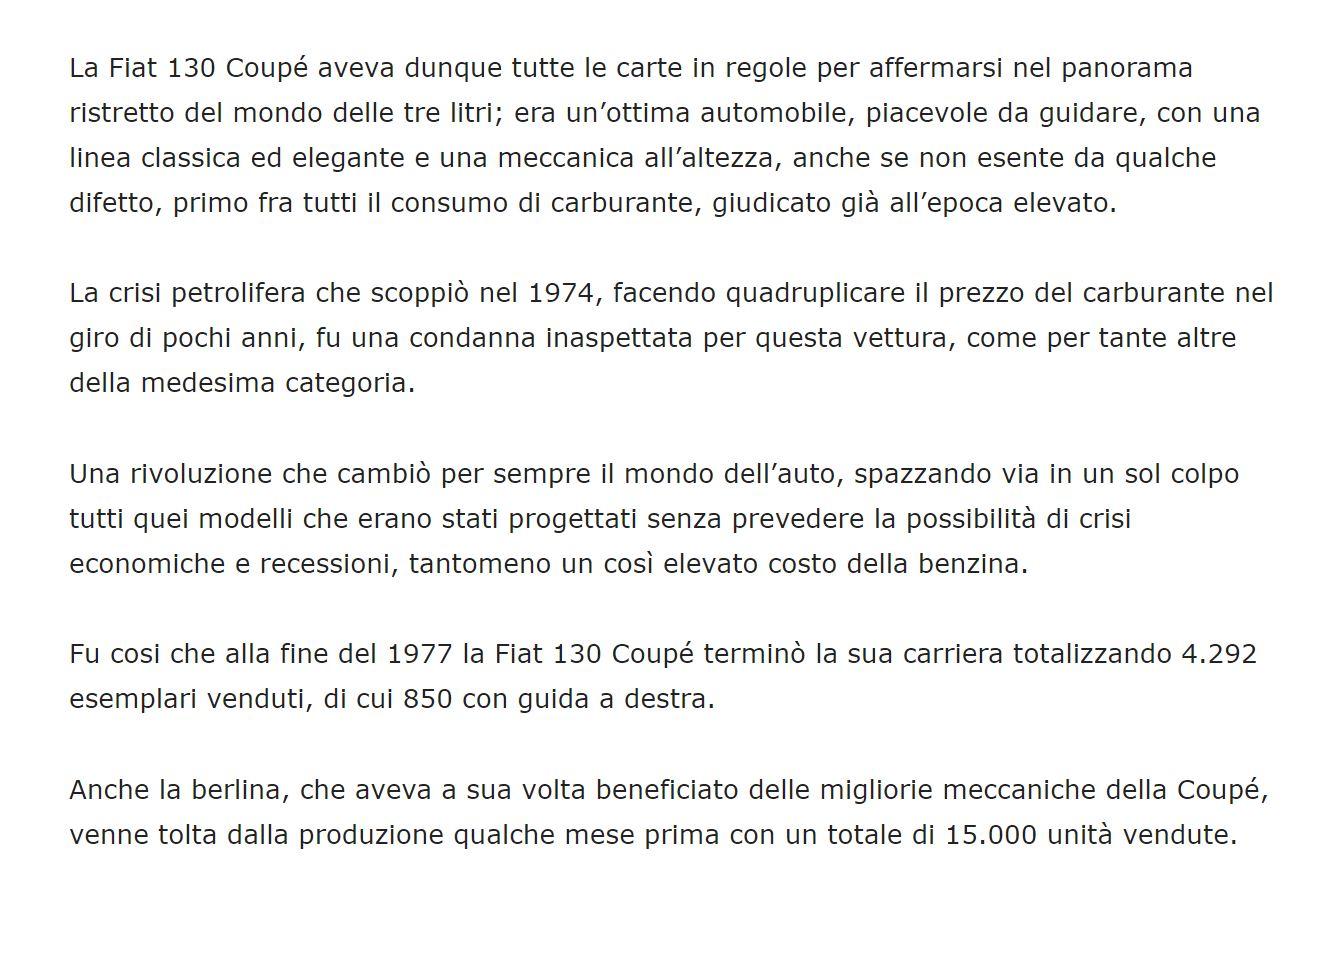 Autotecnica: Fiat 130